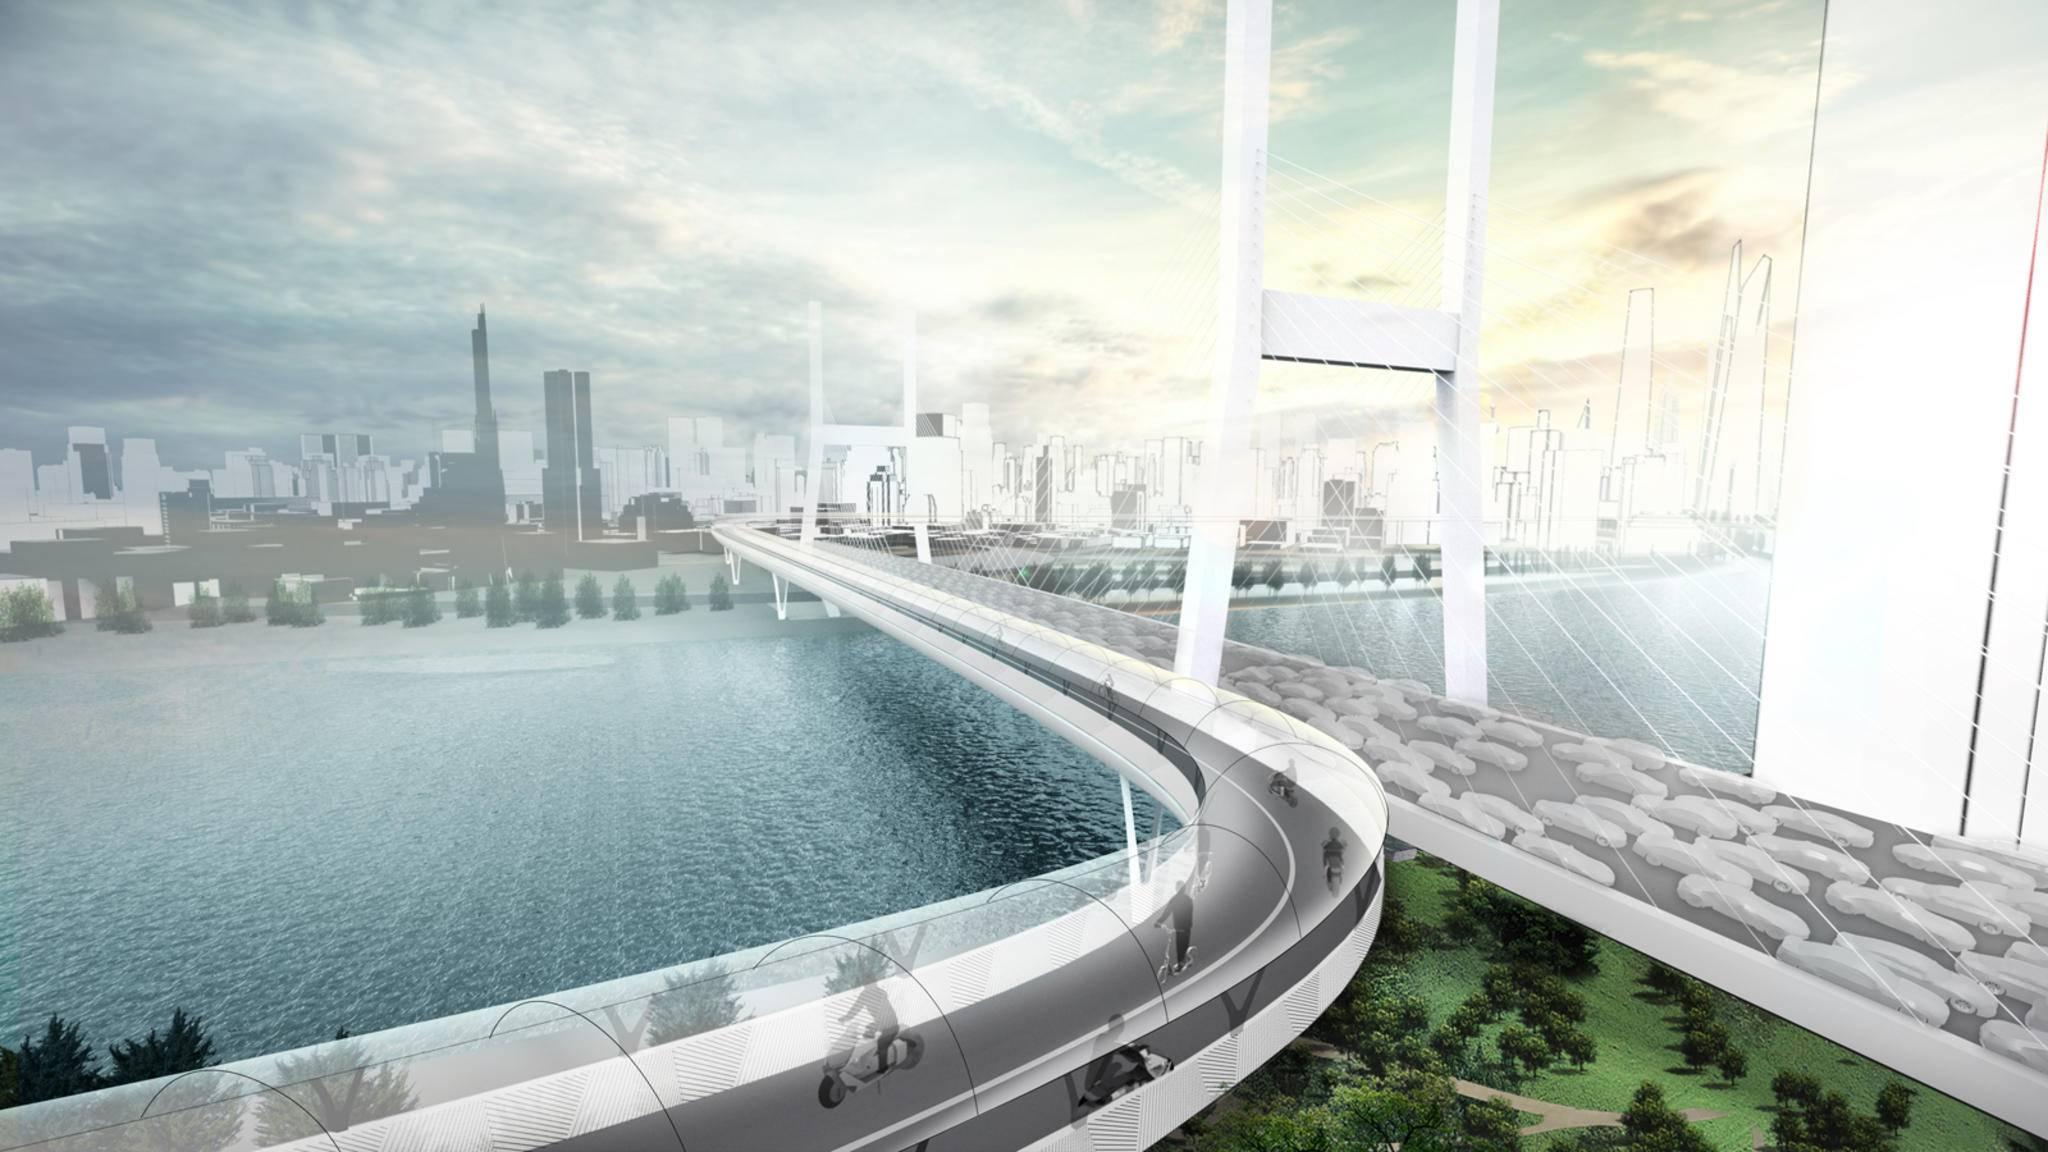 Sieht so die Zukunft intelligenter Verkehrswege aus?